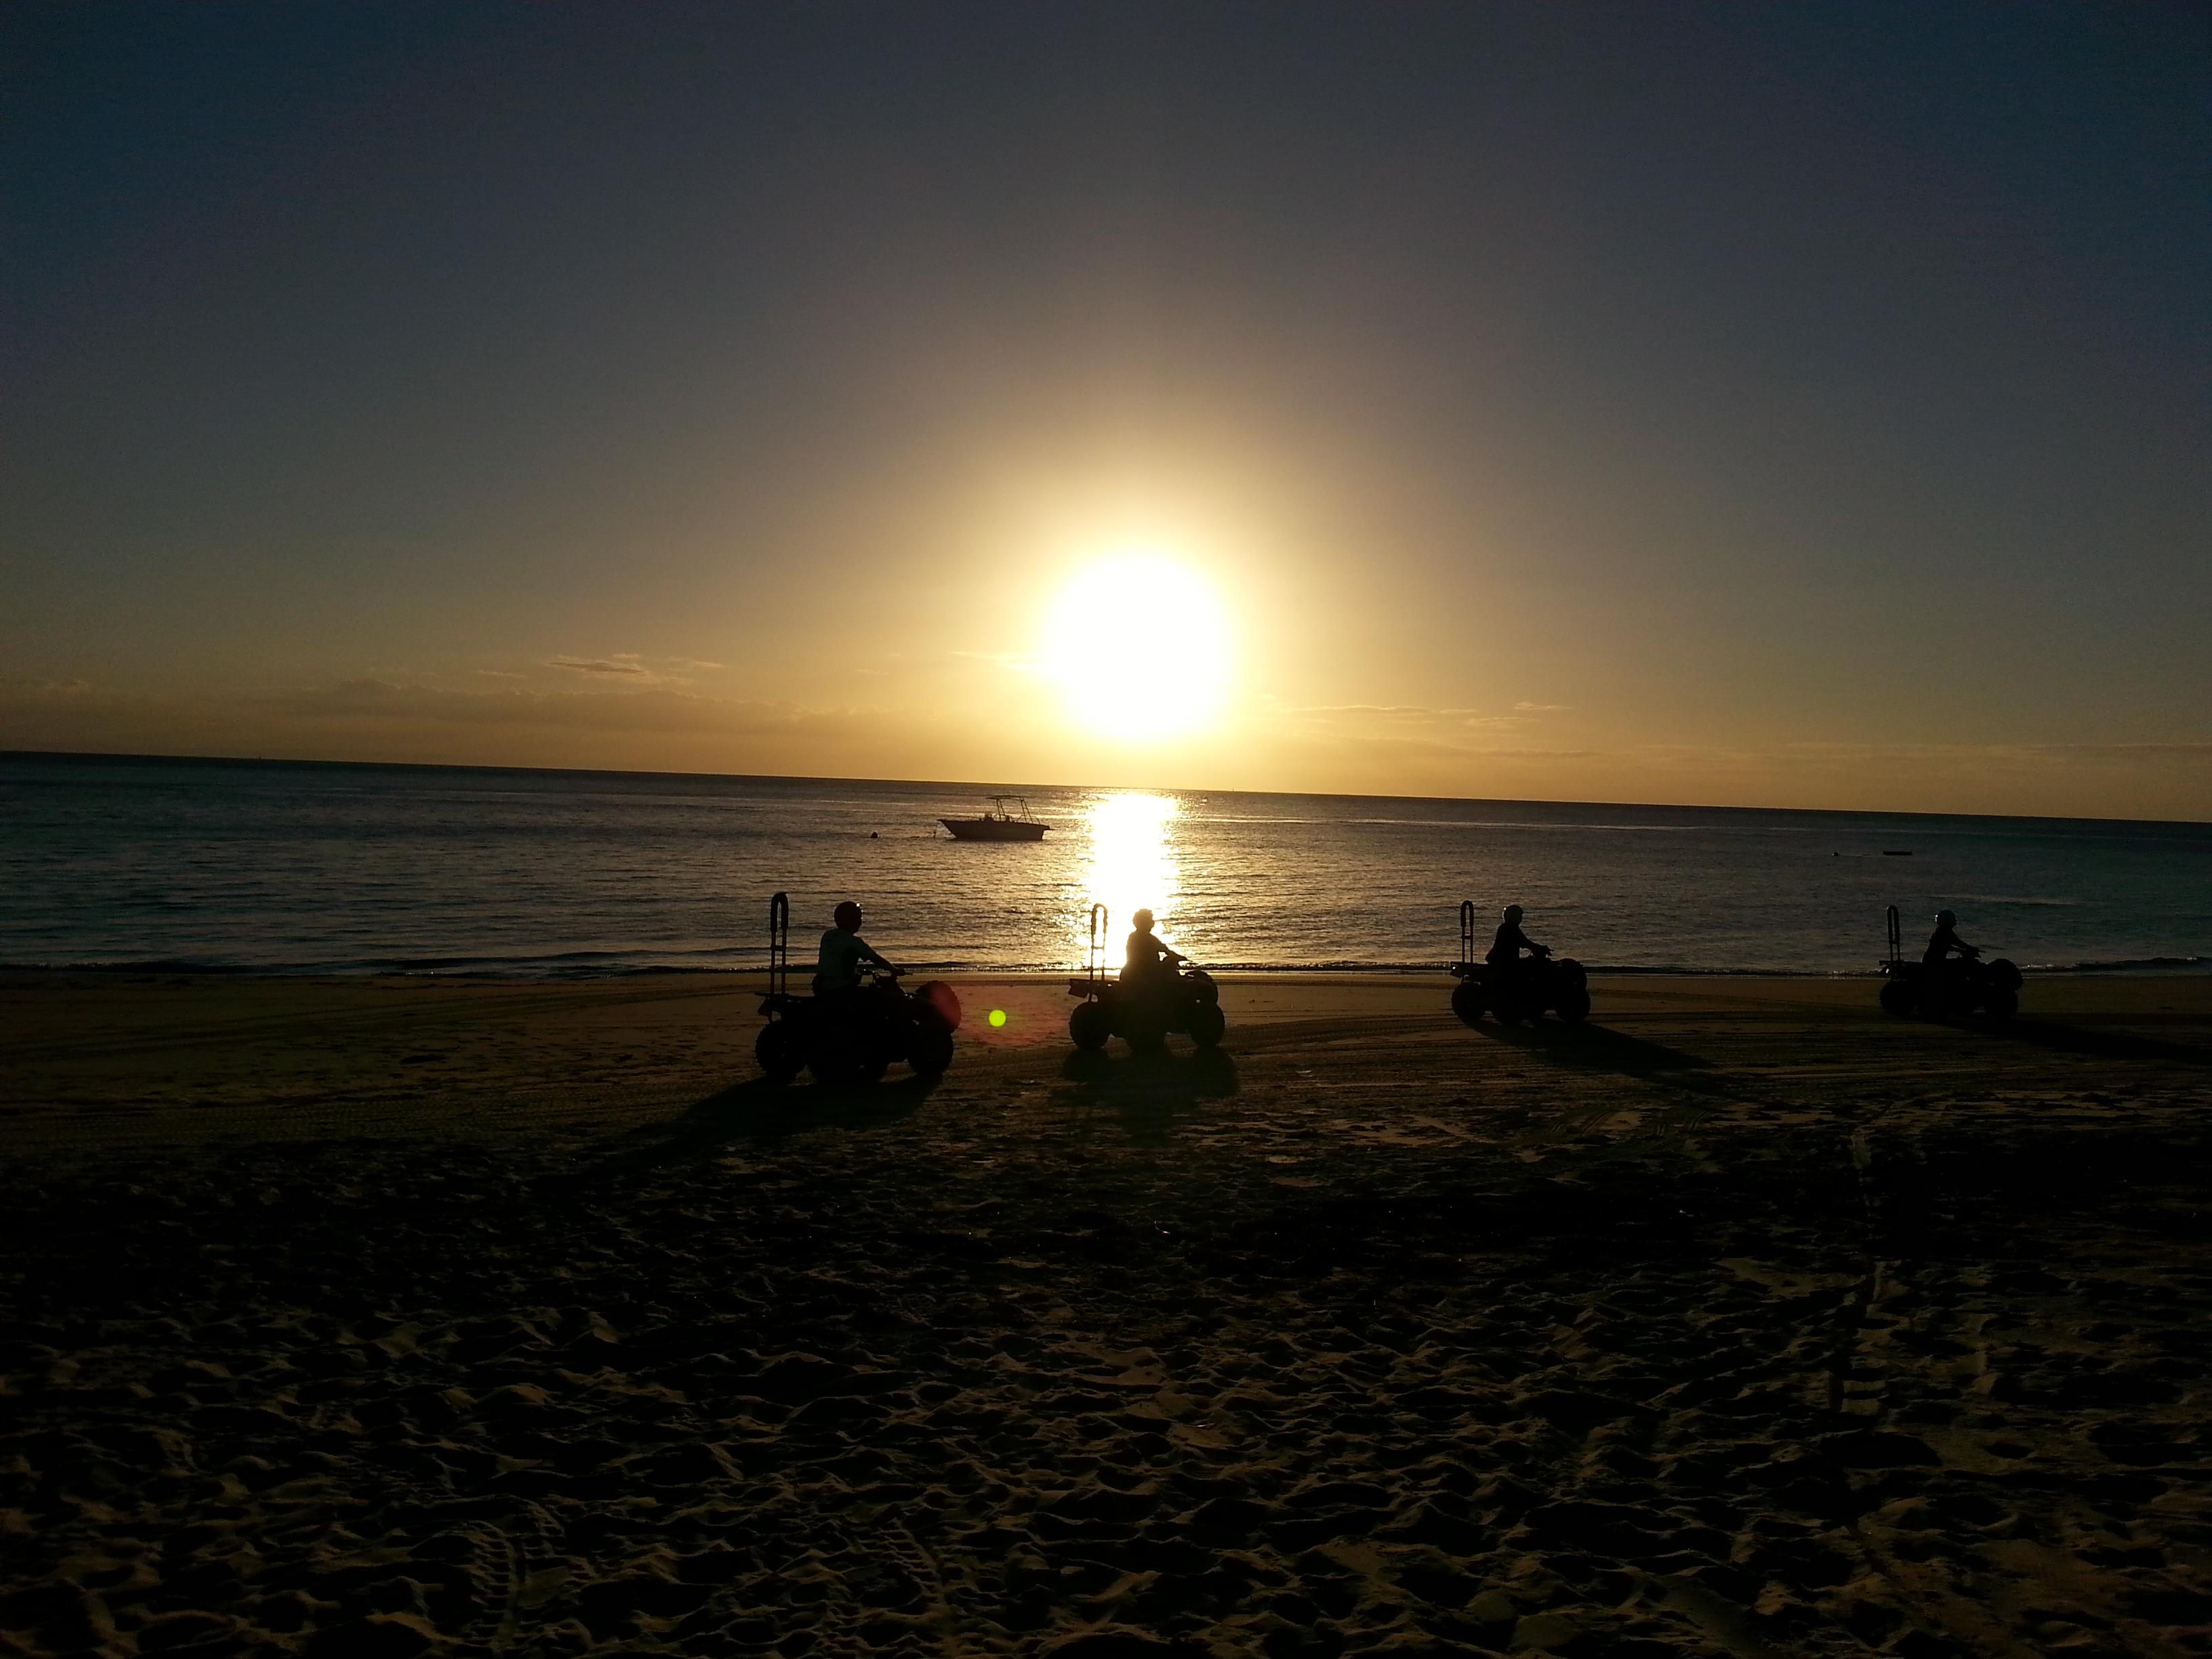 澳新双船邂逅海豚岛之旅12日跟团游<爱的行走之- 南半球去撒欢儿 A19>